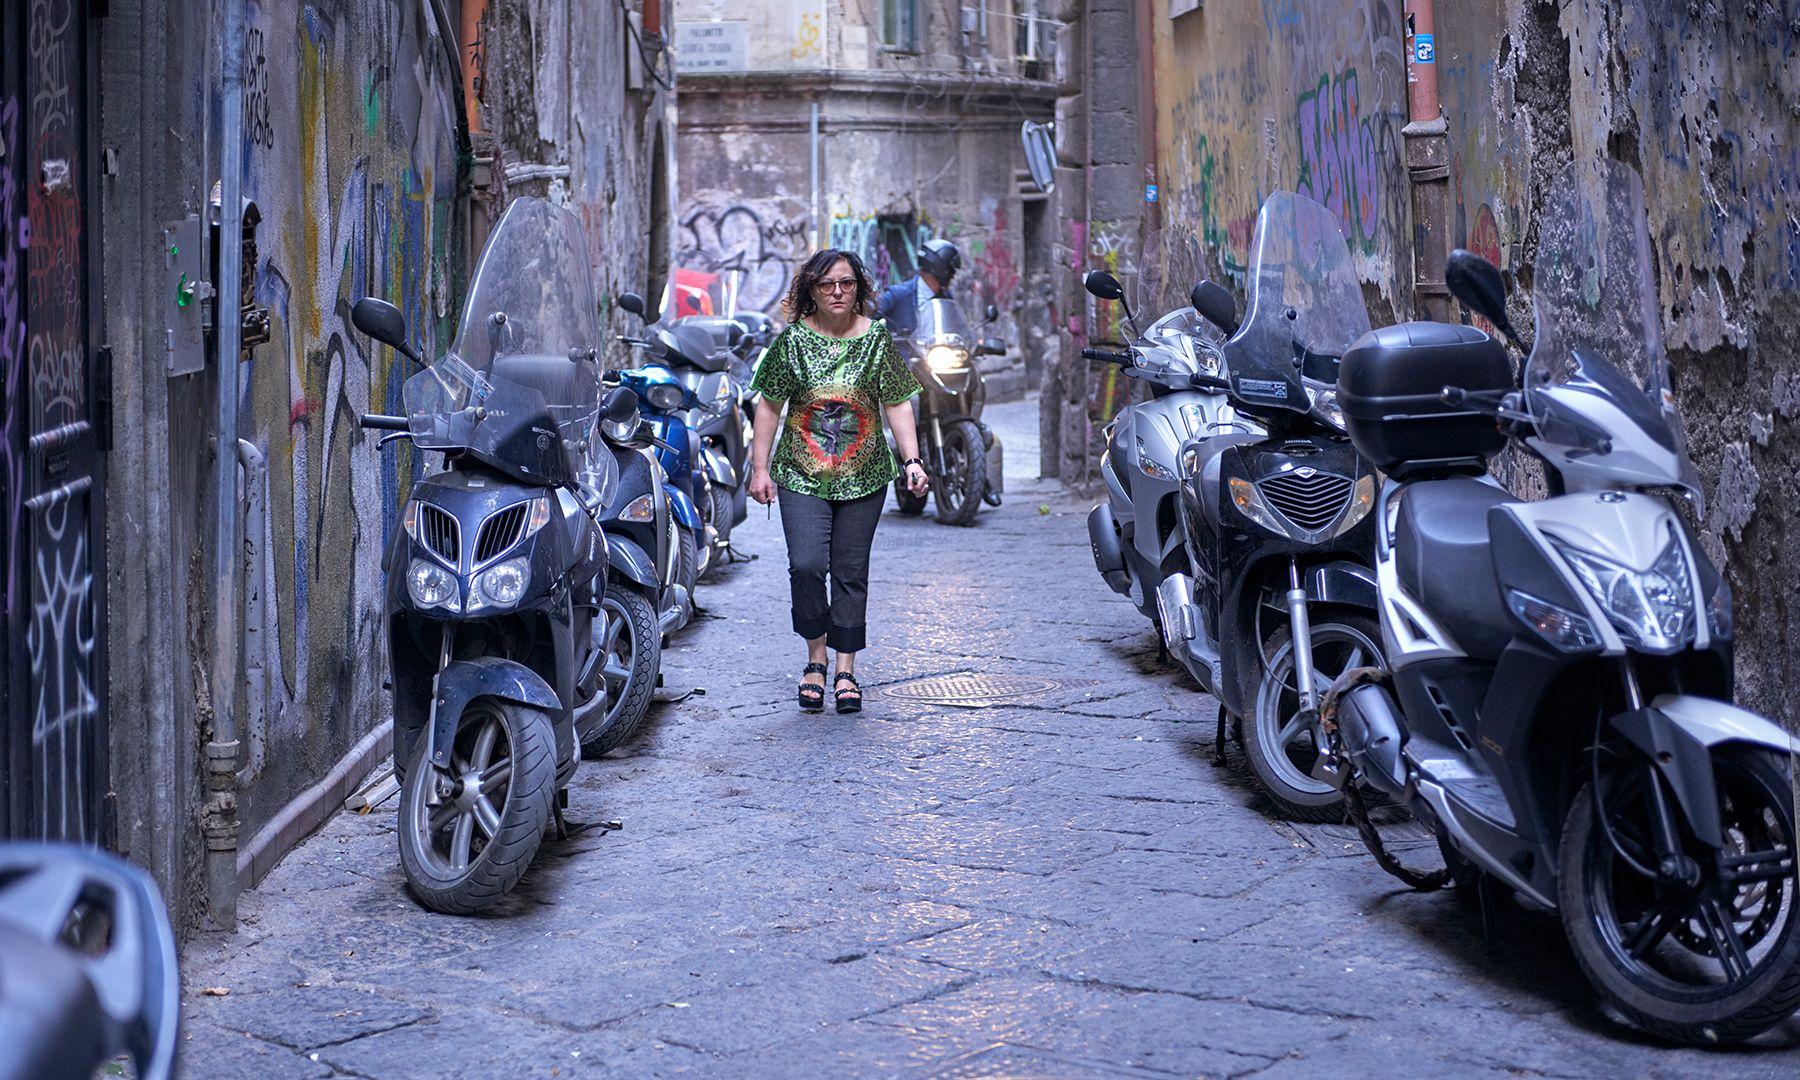 Callejón con motos